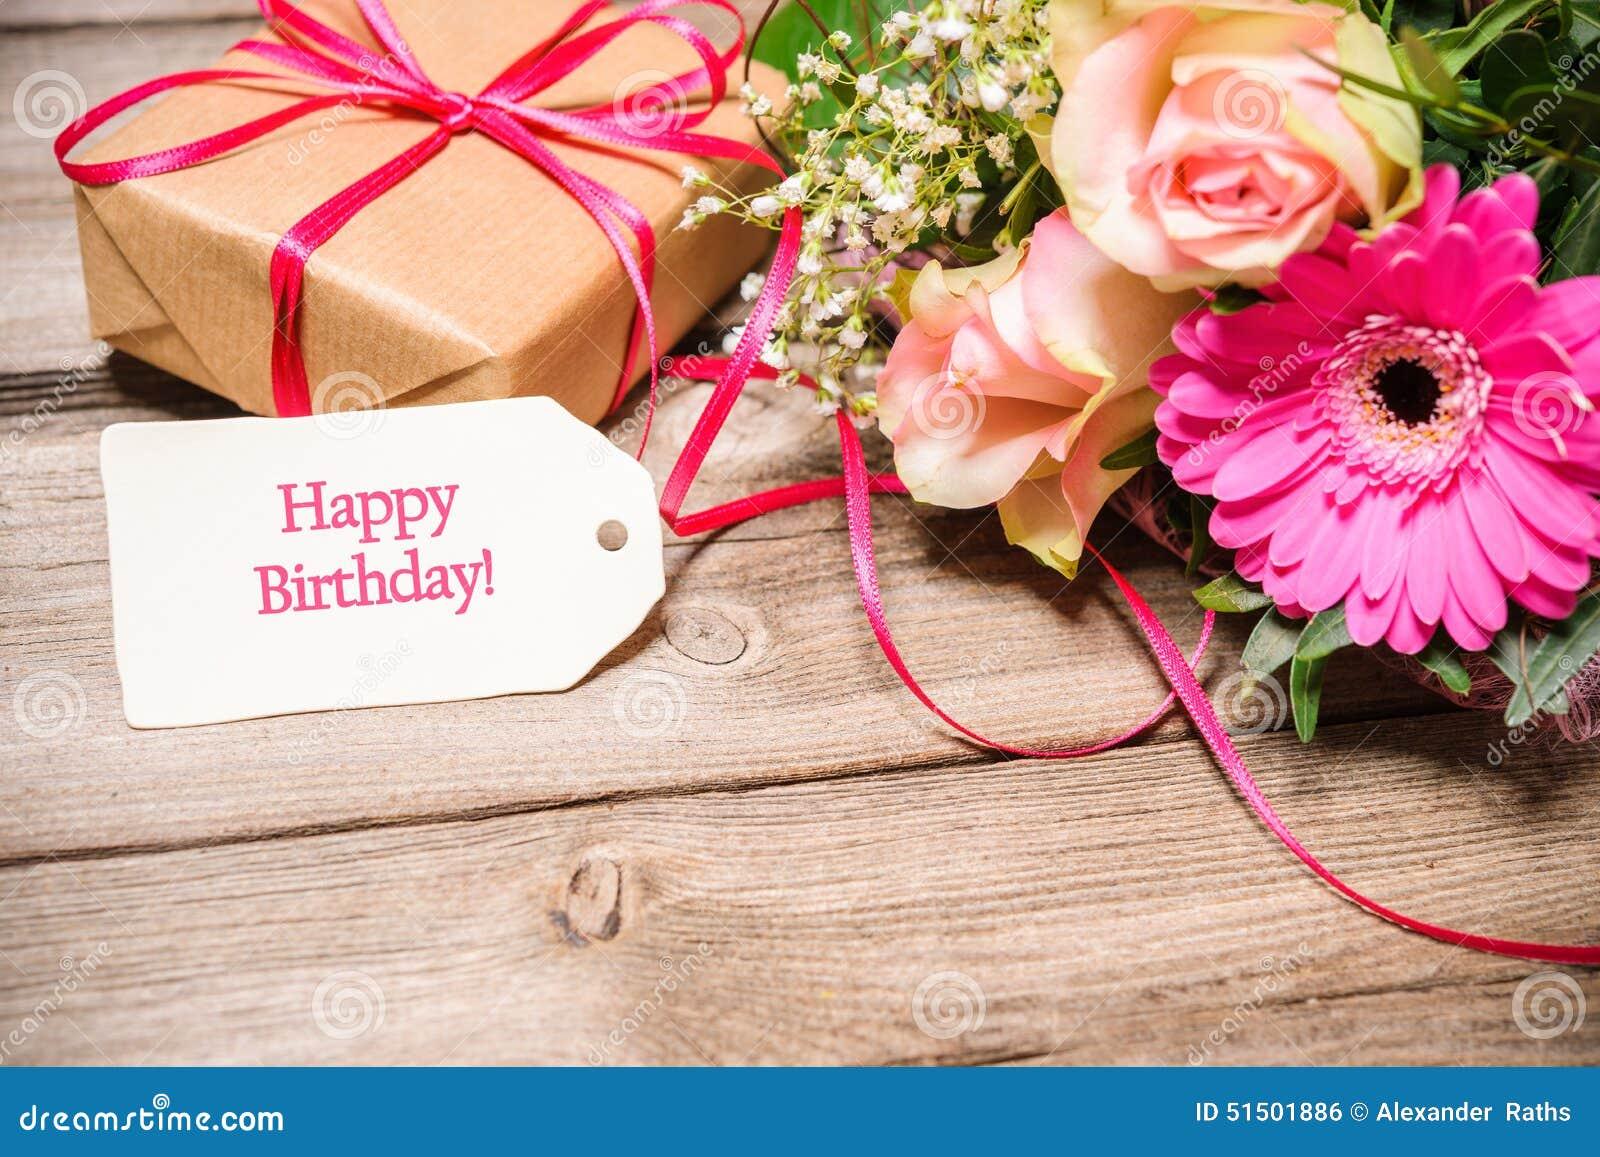 Assez Scheda di buon compleanno con i fiori foto stock - Iscriviti Gratis WS69